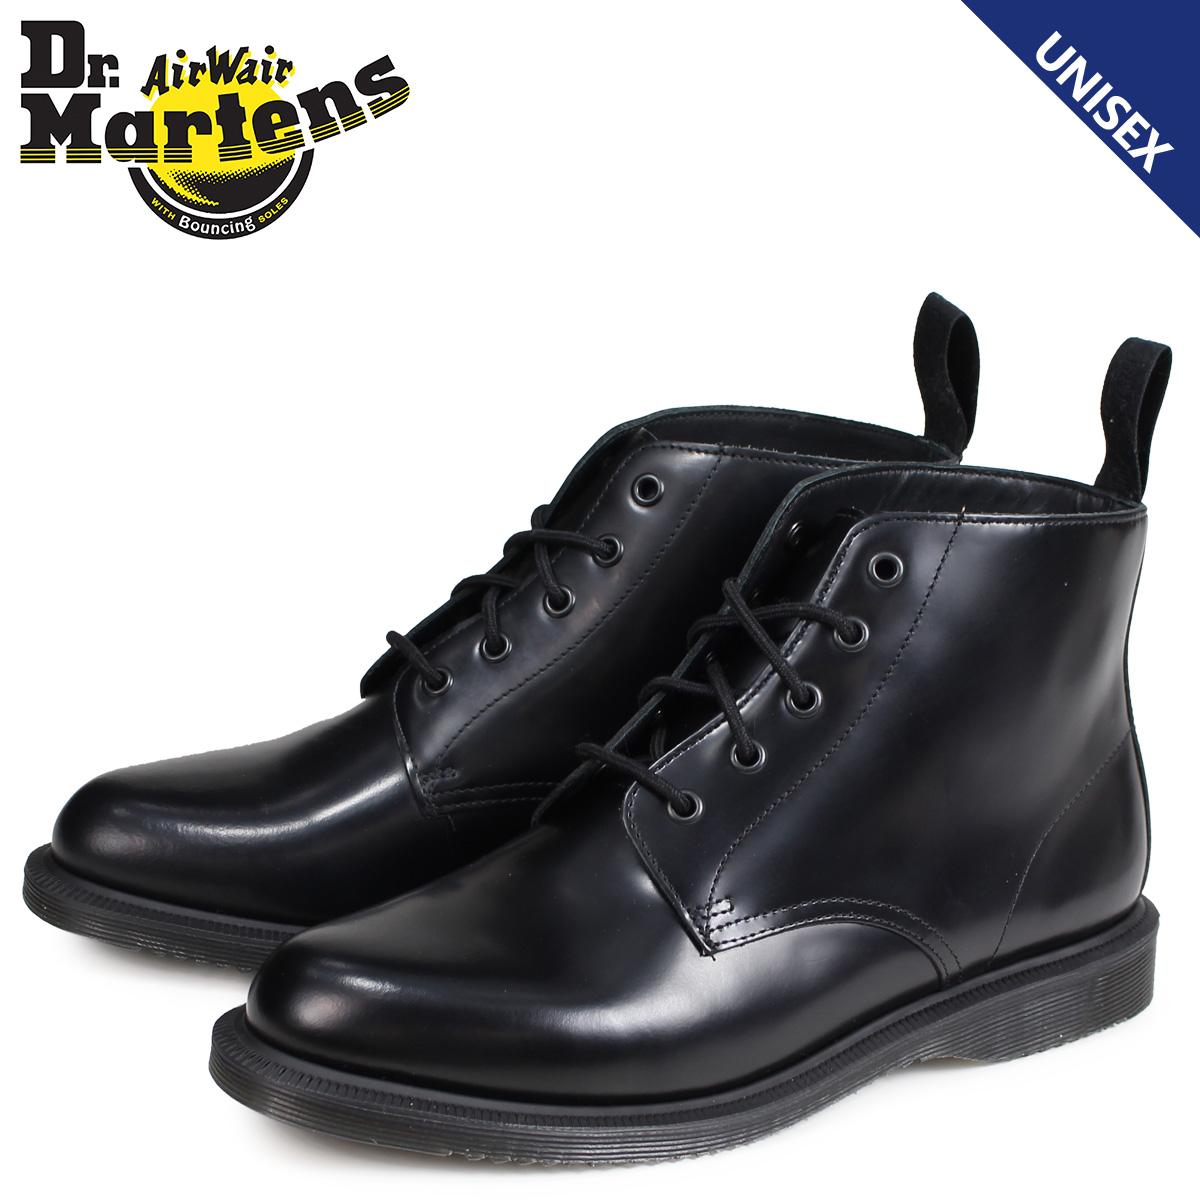 ドクターマーチン Dr. Martens 5ホール ブーツ メンズ レディース EMMELINE KENSINGTON 5EYE BOOT ブラック R16701001